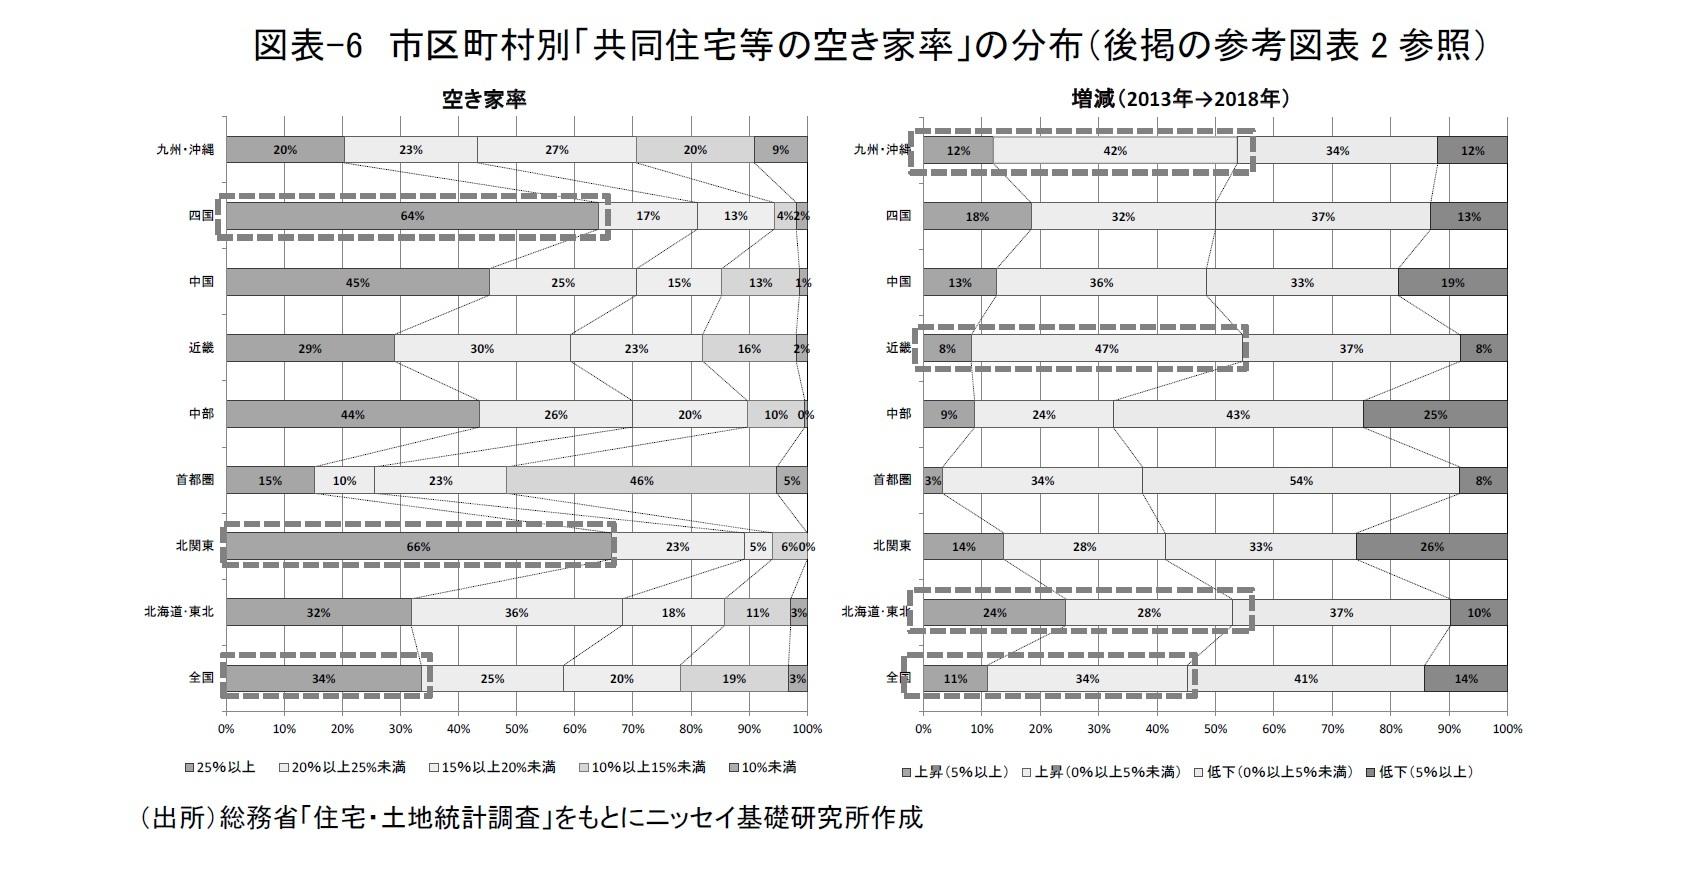 図表-6 市区町村別「共同住宅等の空き家率」の分布(後掲の参考図表2参照)